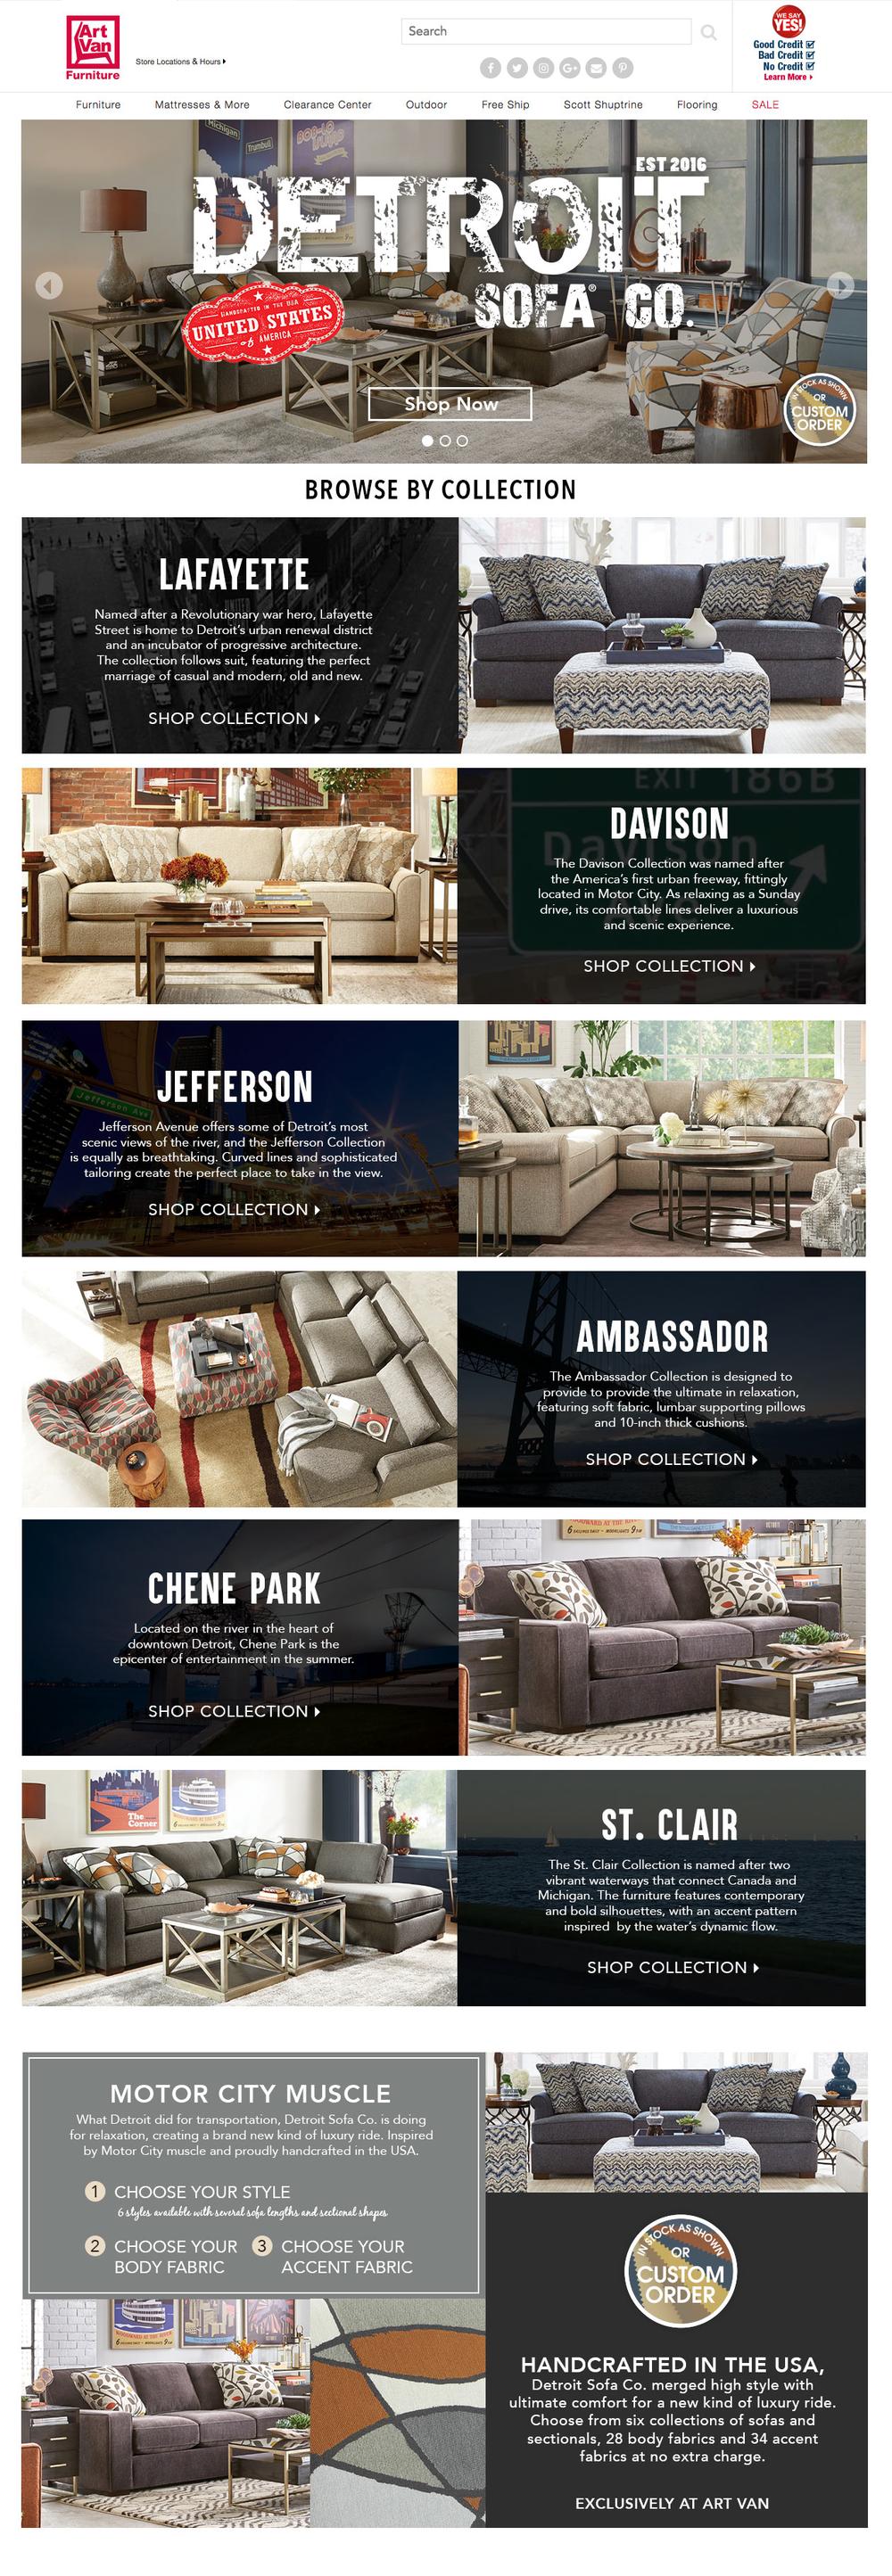 Home Page - 2017, Detroit Sofa Co. Website, Home Page - Desktop